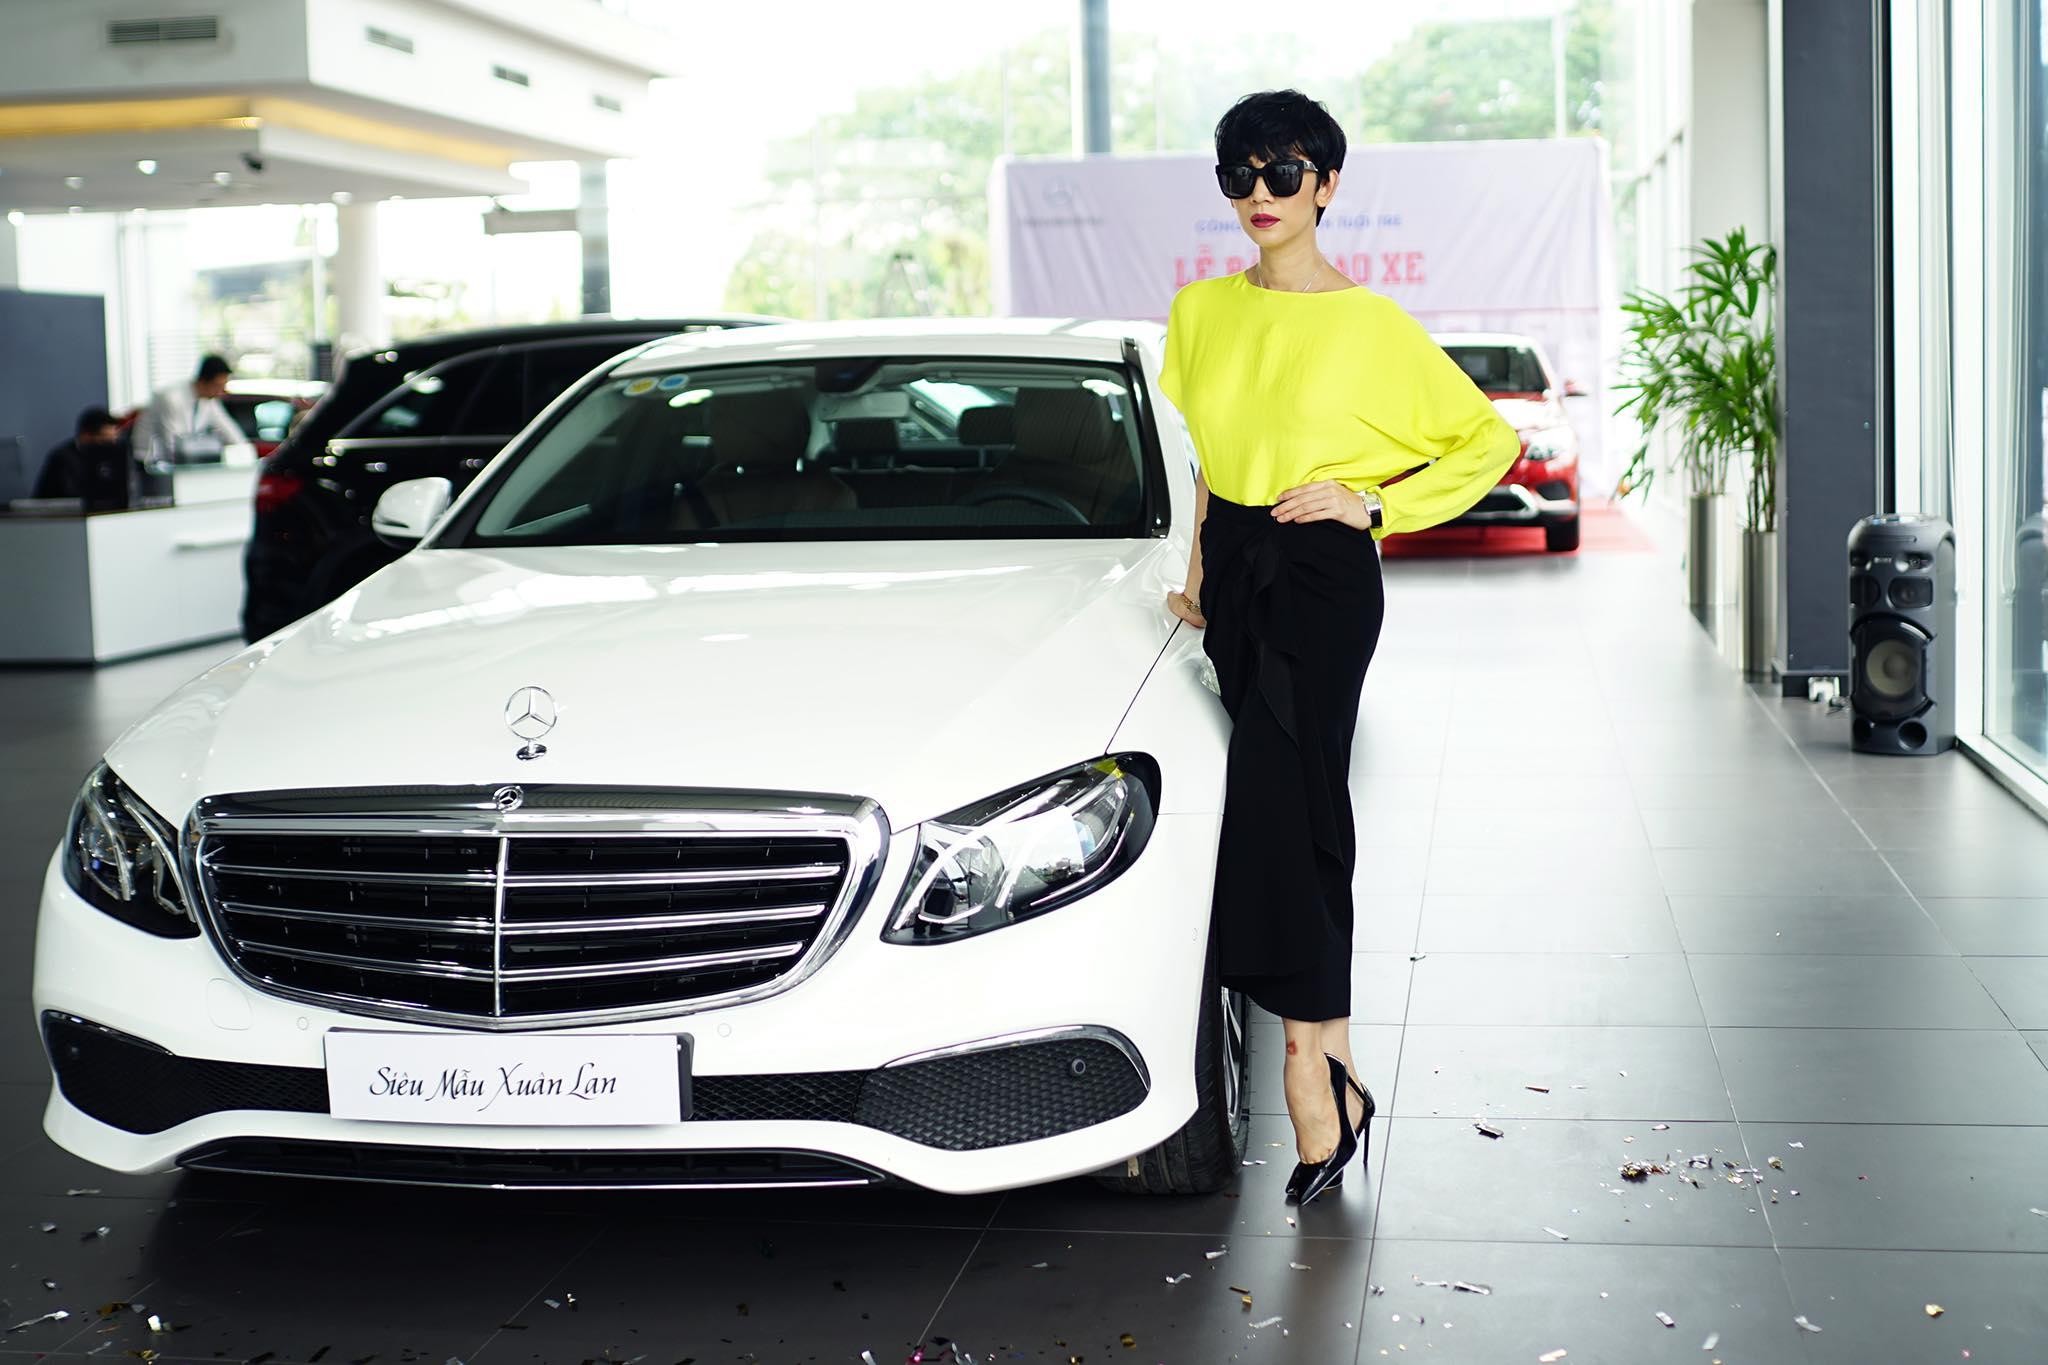 Siêu mẫu Xuân Lan tậu xe Mercedes-Benz E200 hơn 2 tỷ đồng - 06